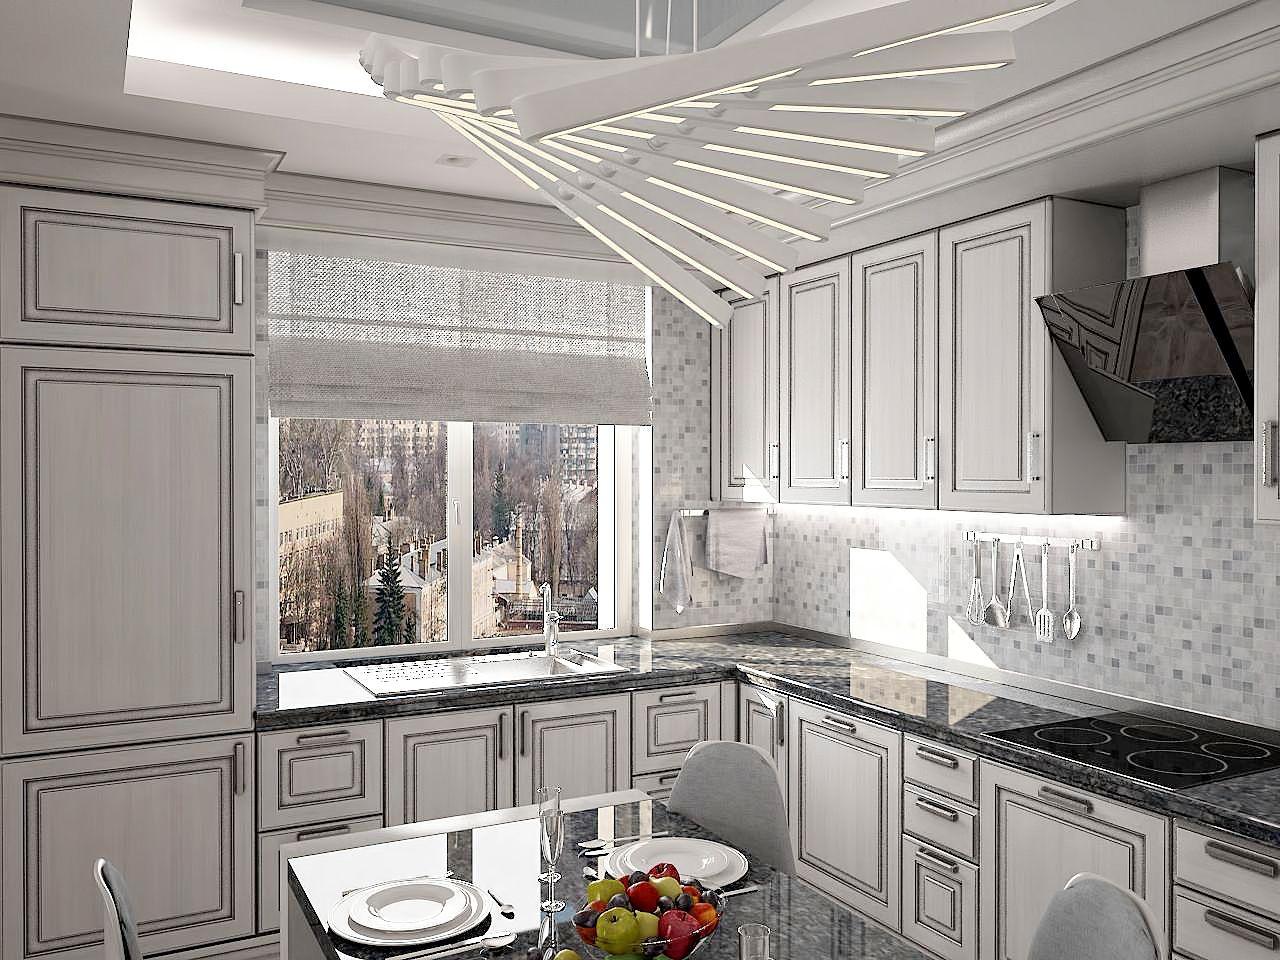 Дизайн кухни в серых тонах фото Киев. ЖК Липинка, скандинавский стиль